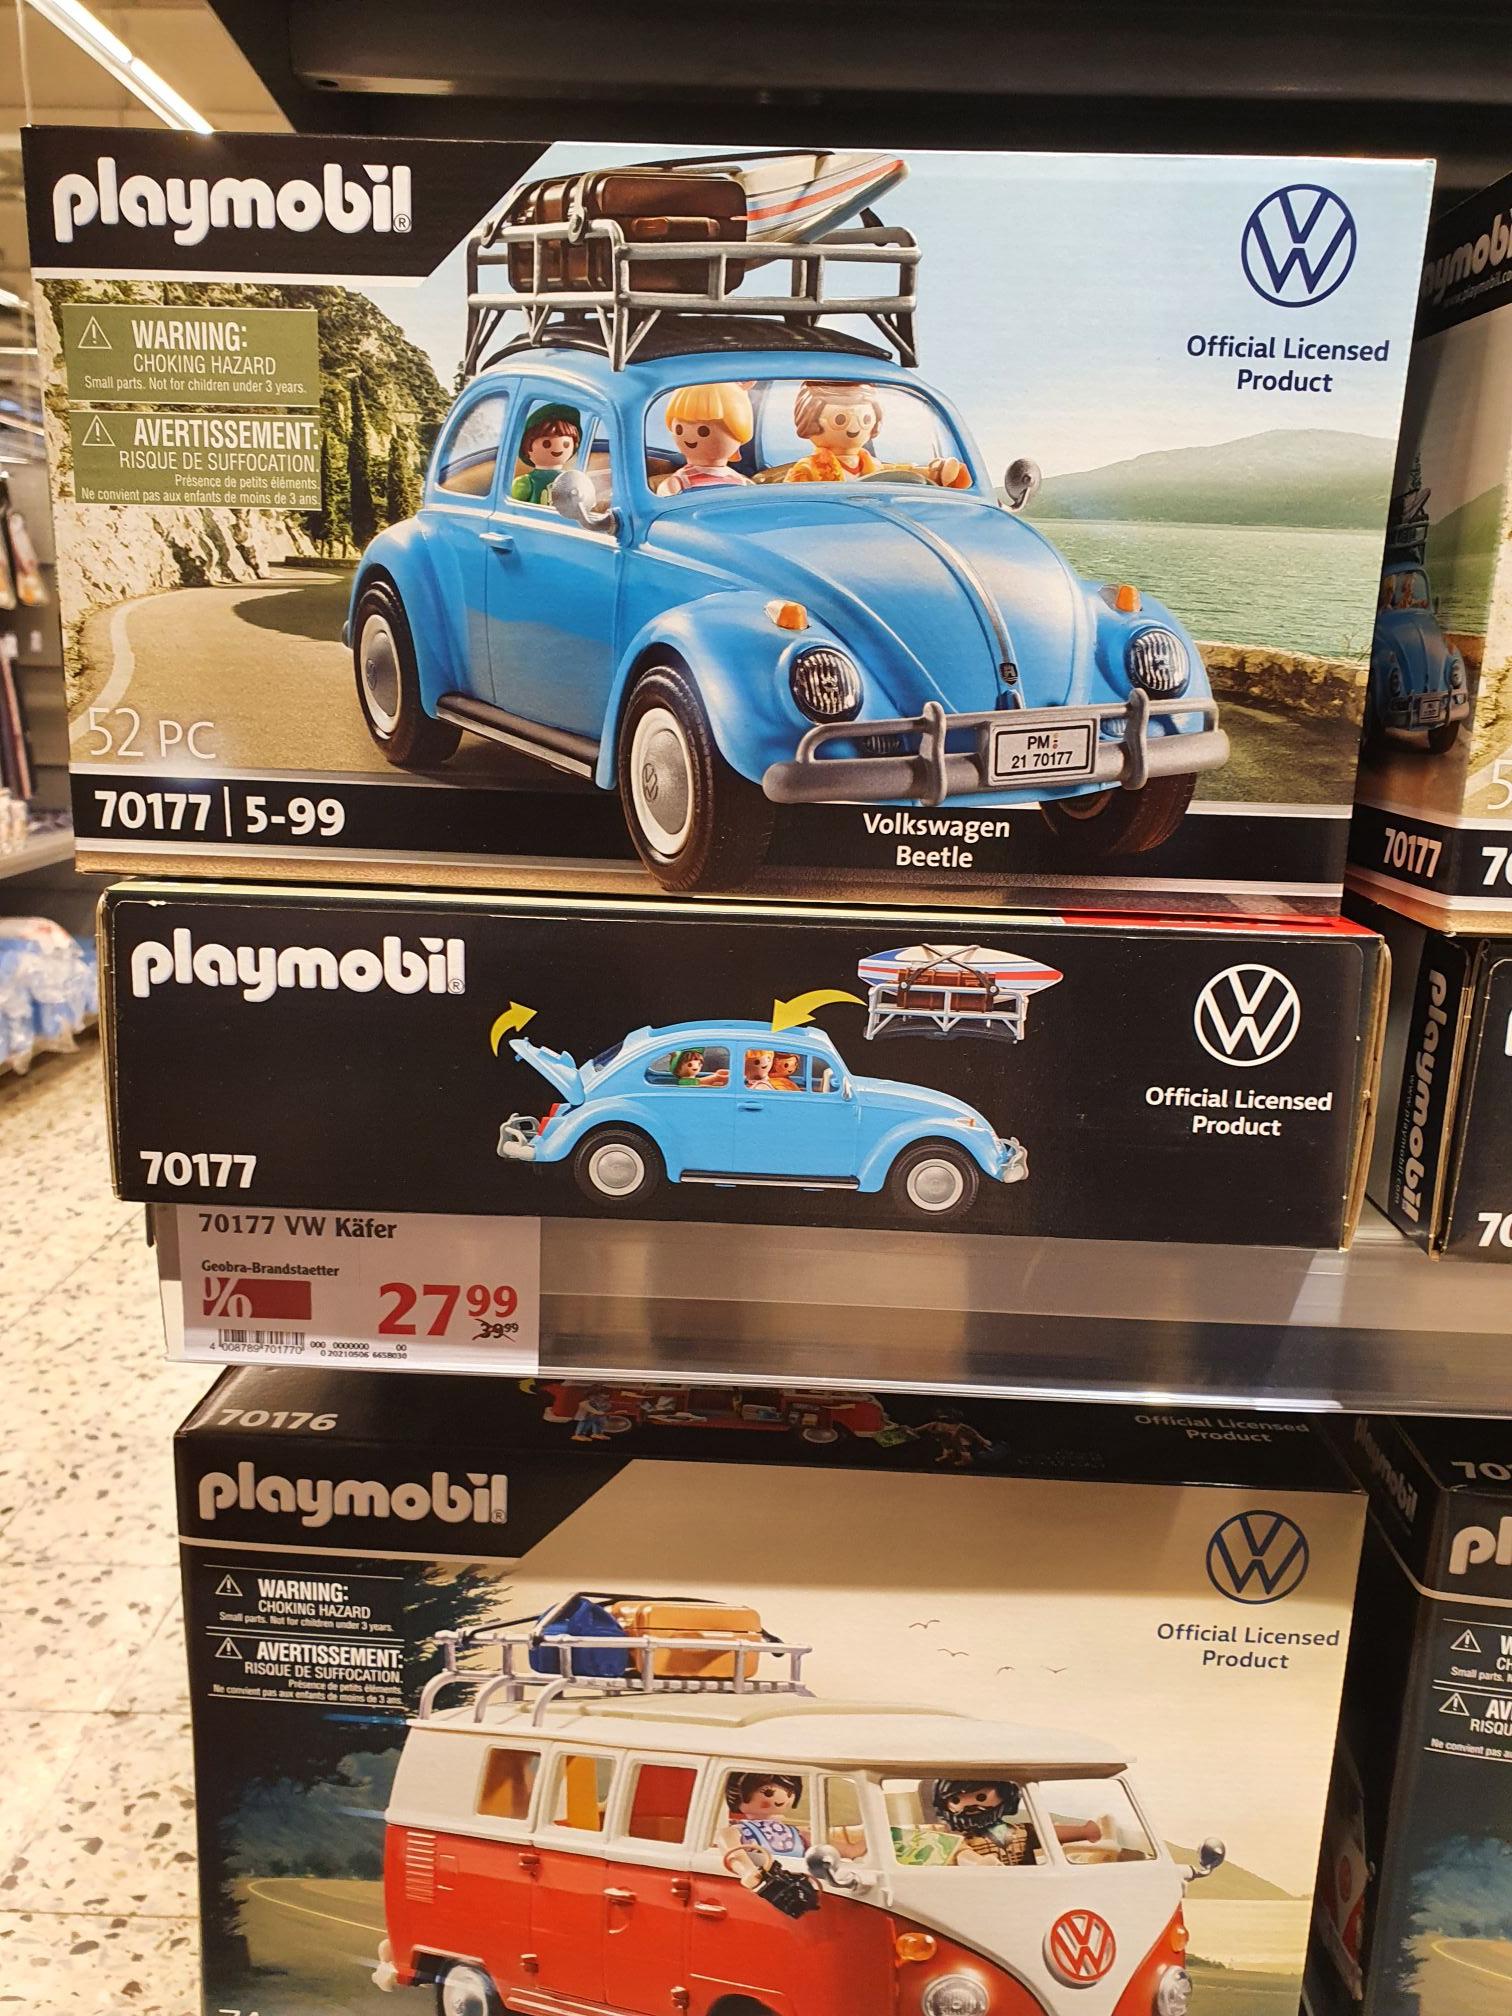 (Globus Hockenheim) Playmbobil 70177 (VW Käfer) 27.99 und 70167 (VW Bus) 34.99